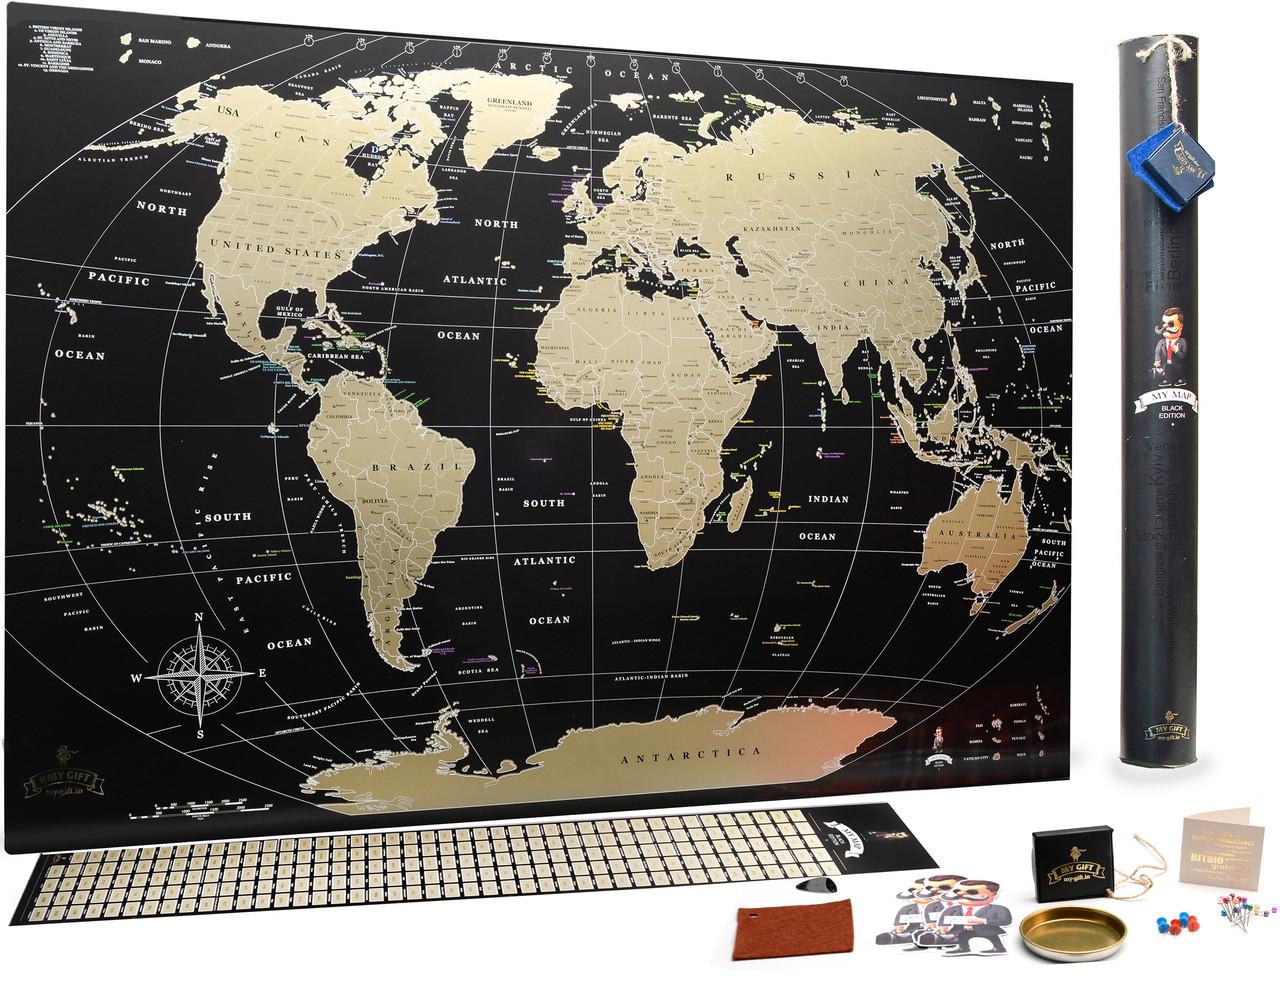 Распродажа! Скретч карта мира, My Map Black Edition, карта для путешествий, Gold, ENG